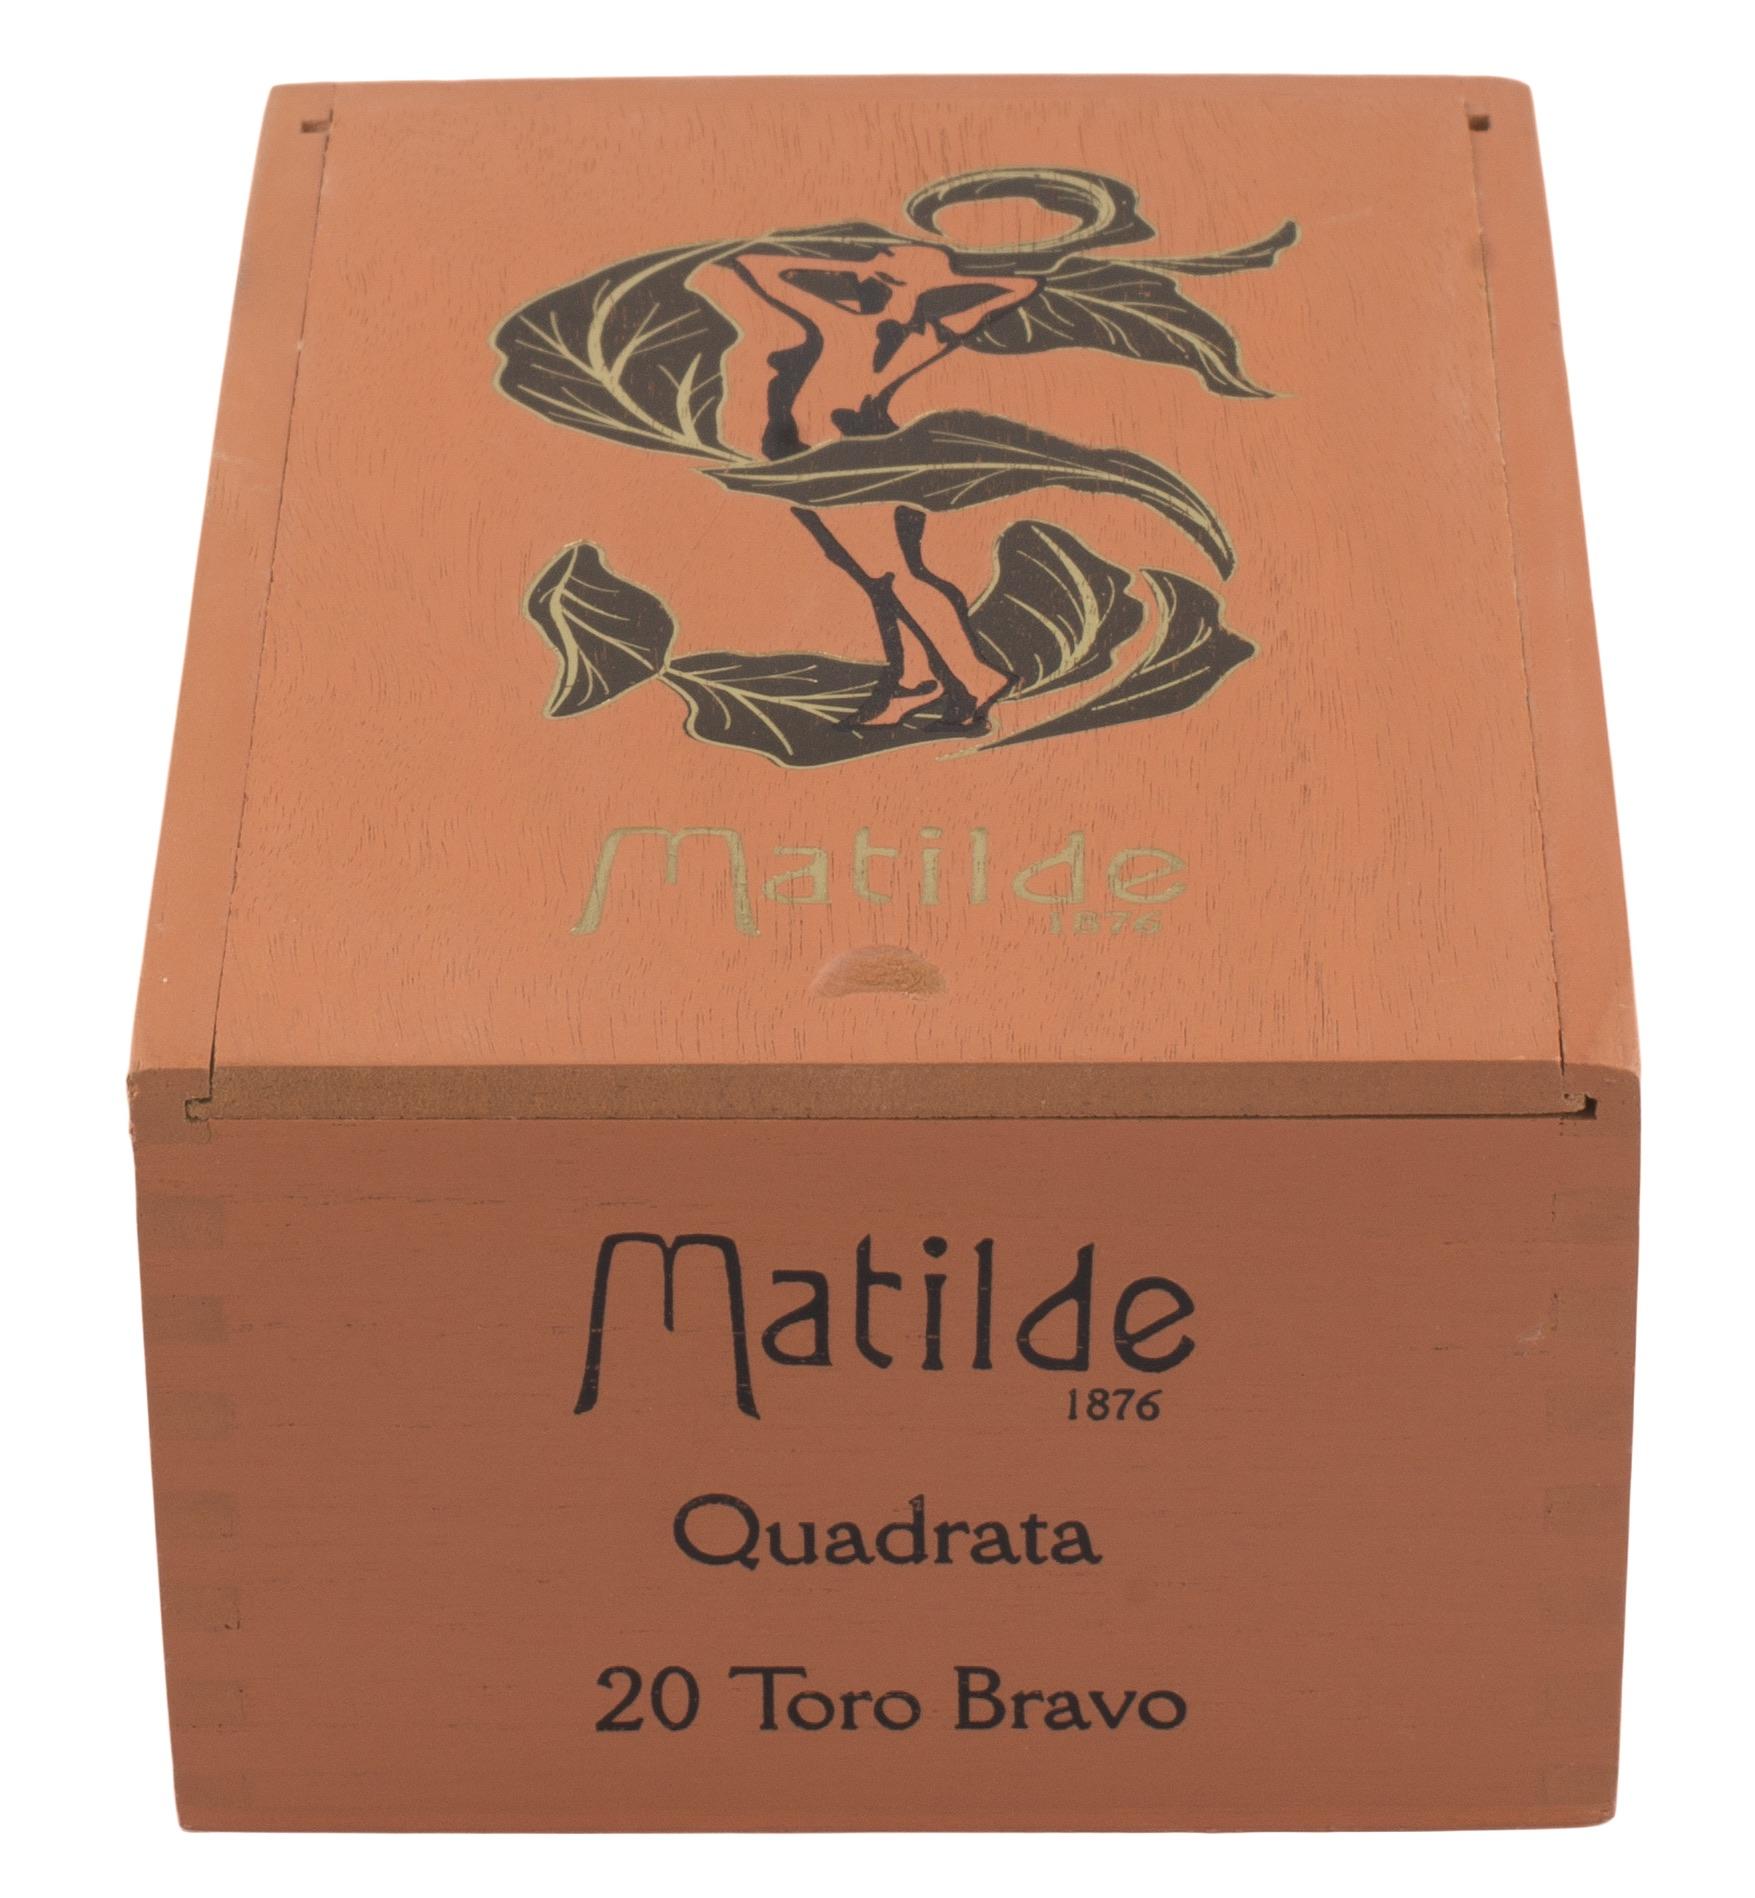 Matilde_Quadrata_Toro_Bravo_Closed_Box_